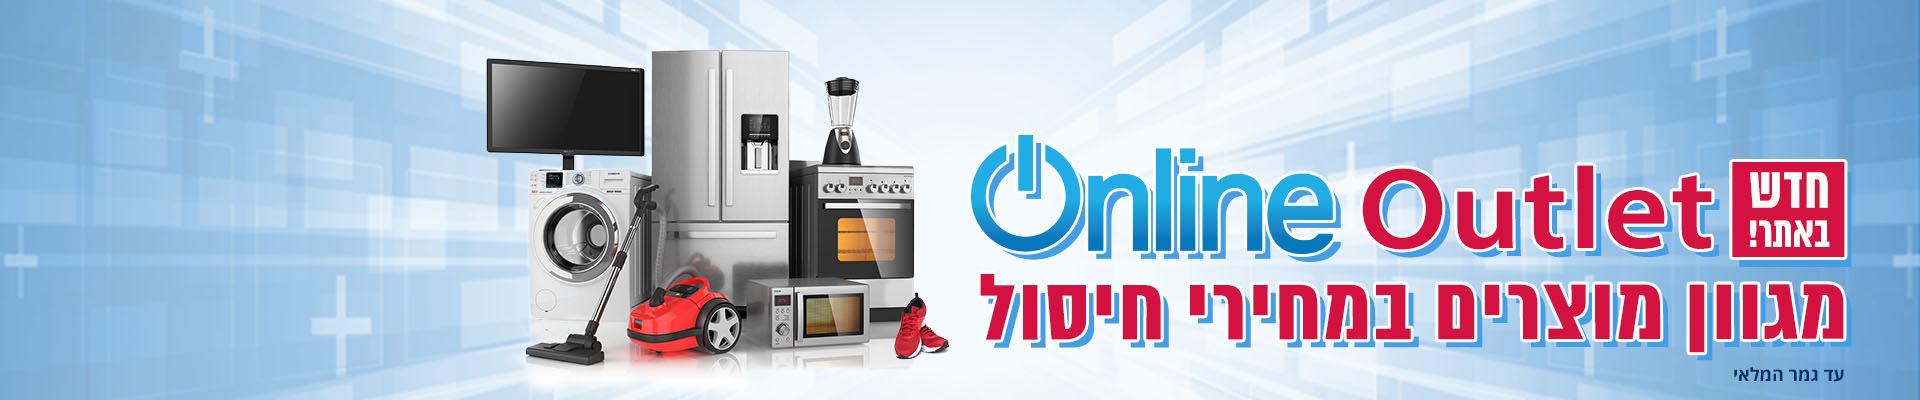 חדש באתר! ONLINE OUTLET מגוון מוצרים במחירי חיסול למתחם עד גמר המלאי.